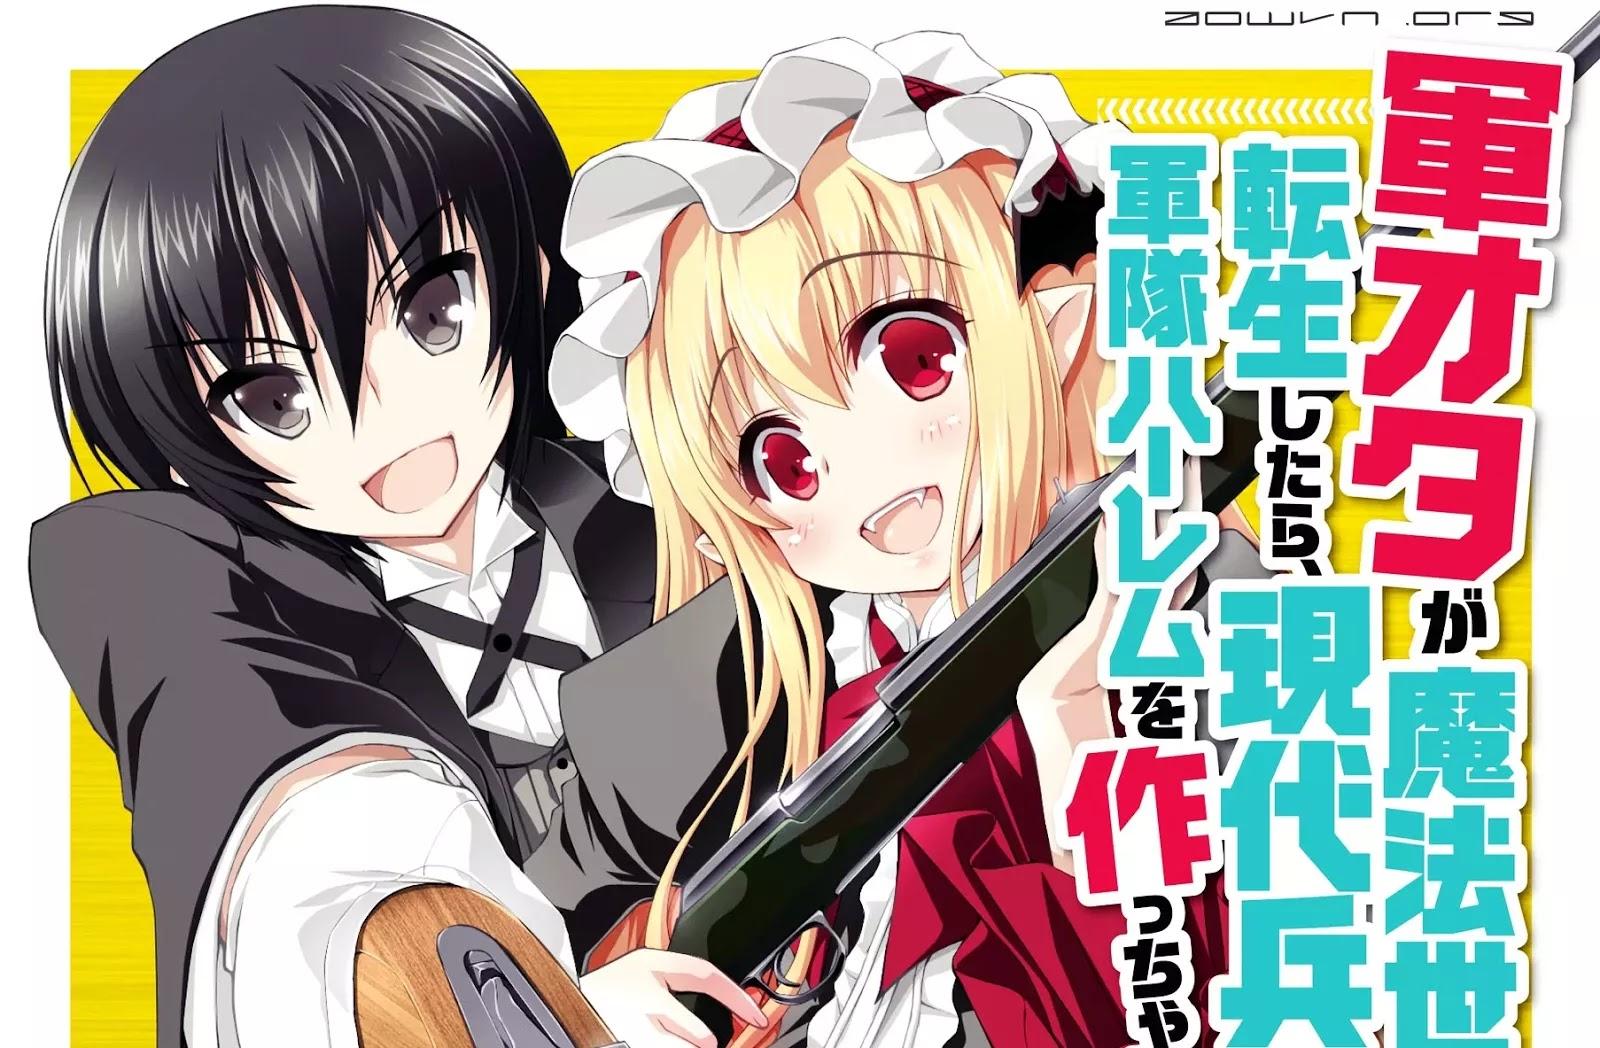 aowvn - Gunota ga Mahou Sekai ni Tensei Shitara | Manga Online